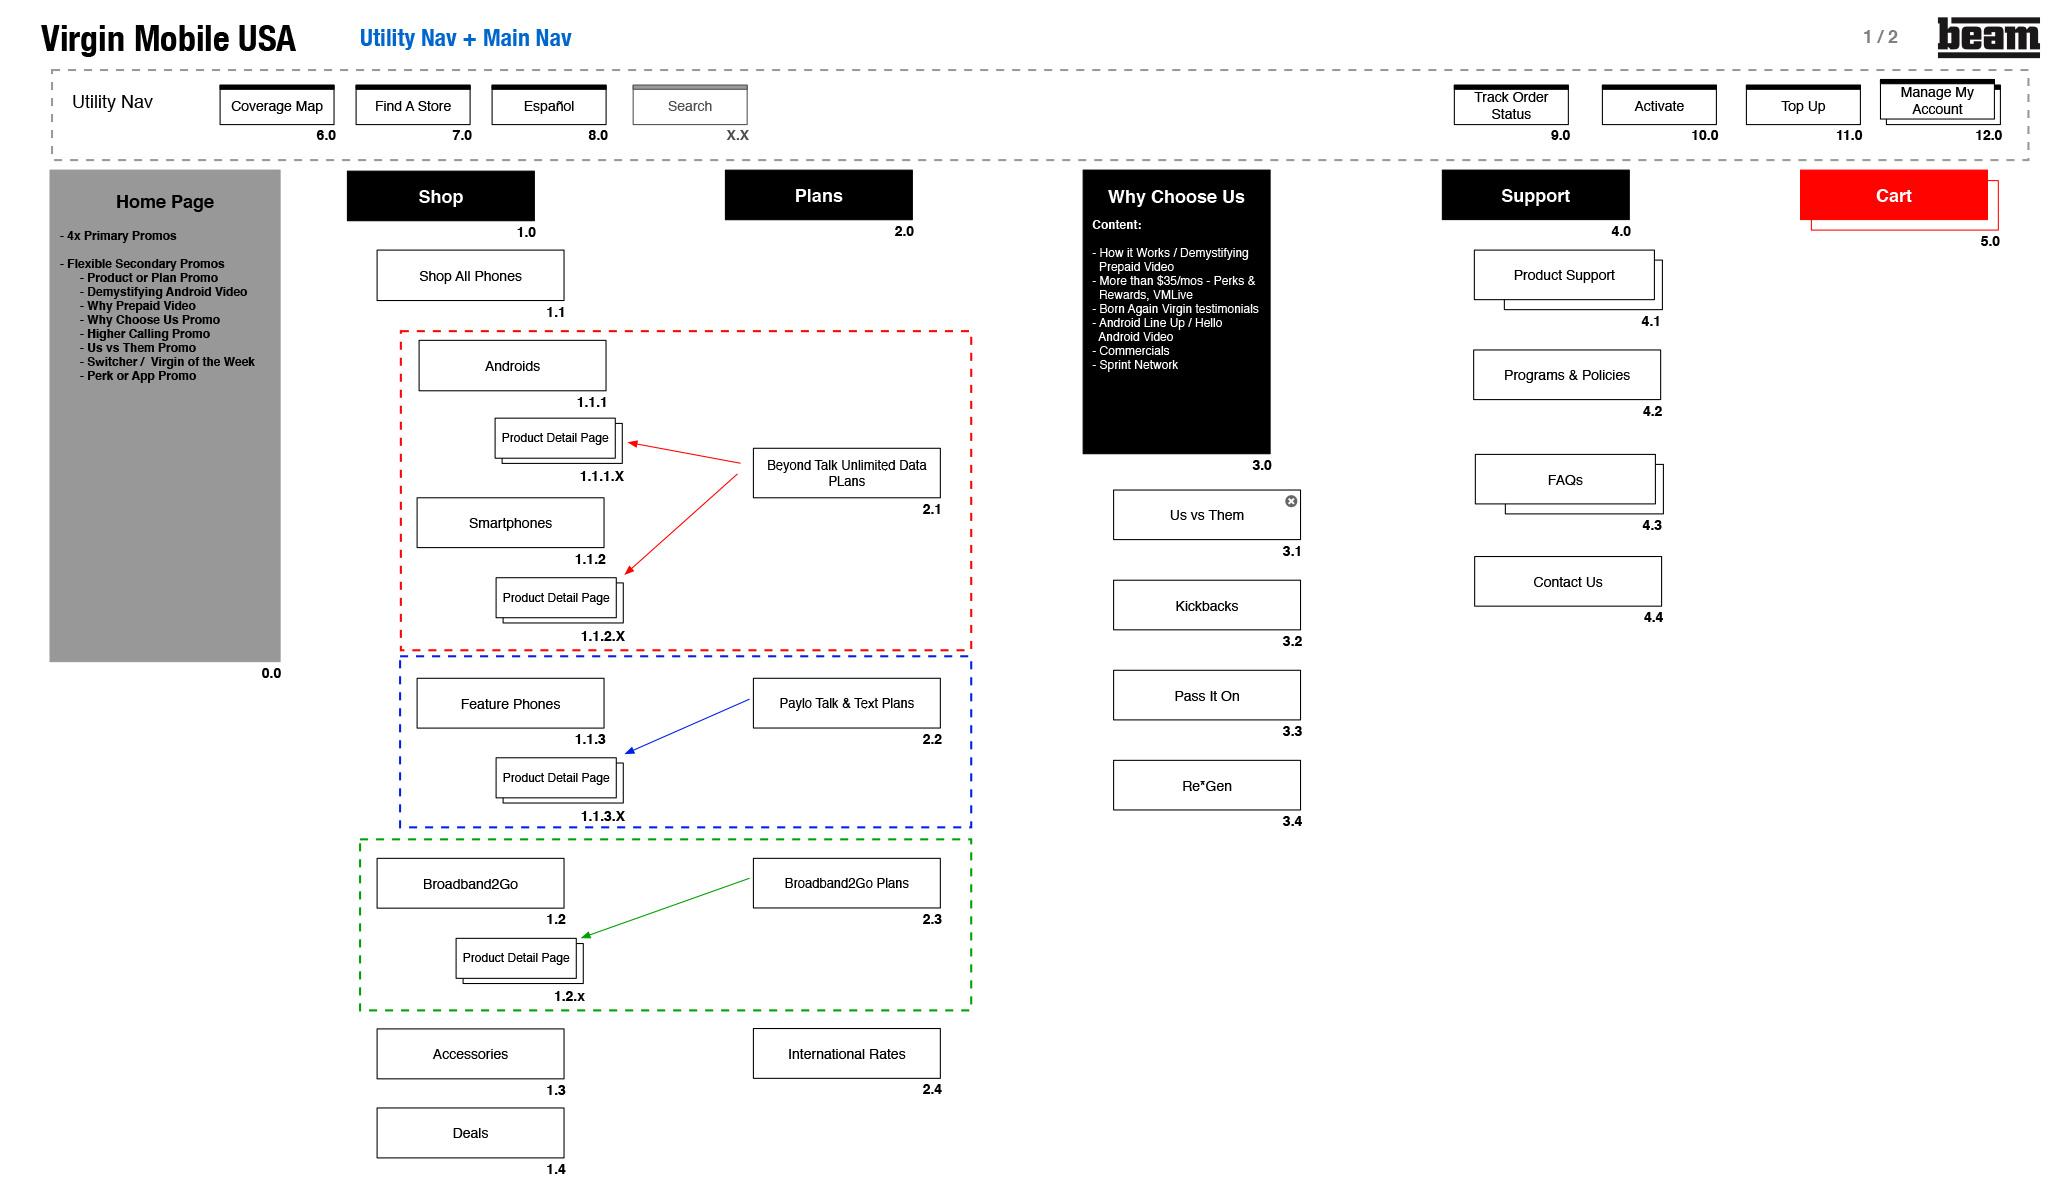 VMU_sitemap.jpg